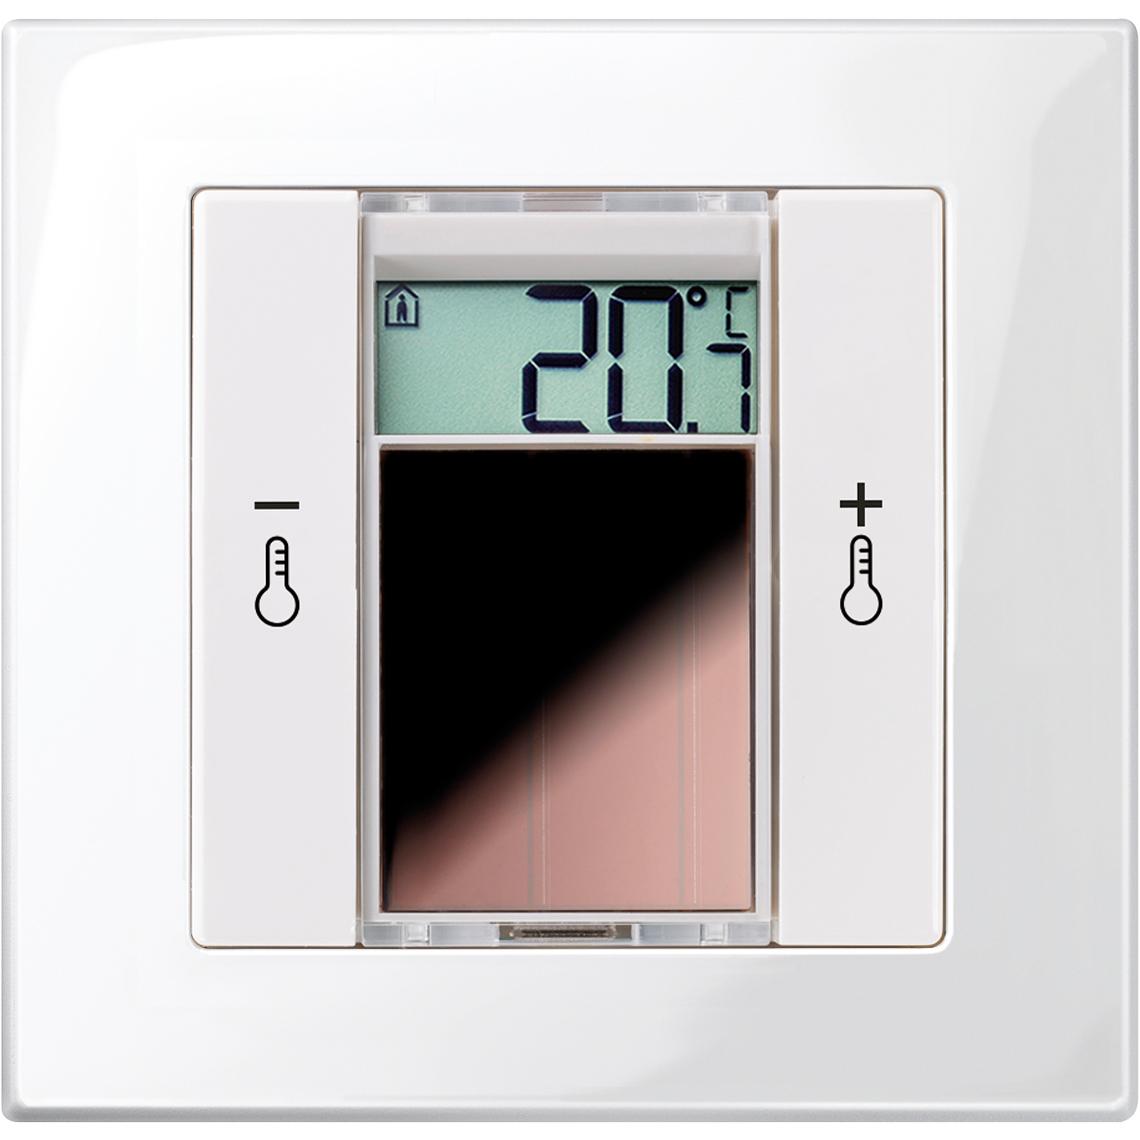 SR06 LCD 2T Merten M-Plan reinweiß glänzend / polarweiß glänzend Produktbild